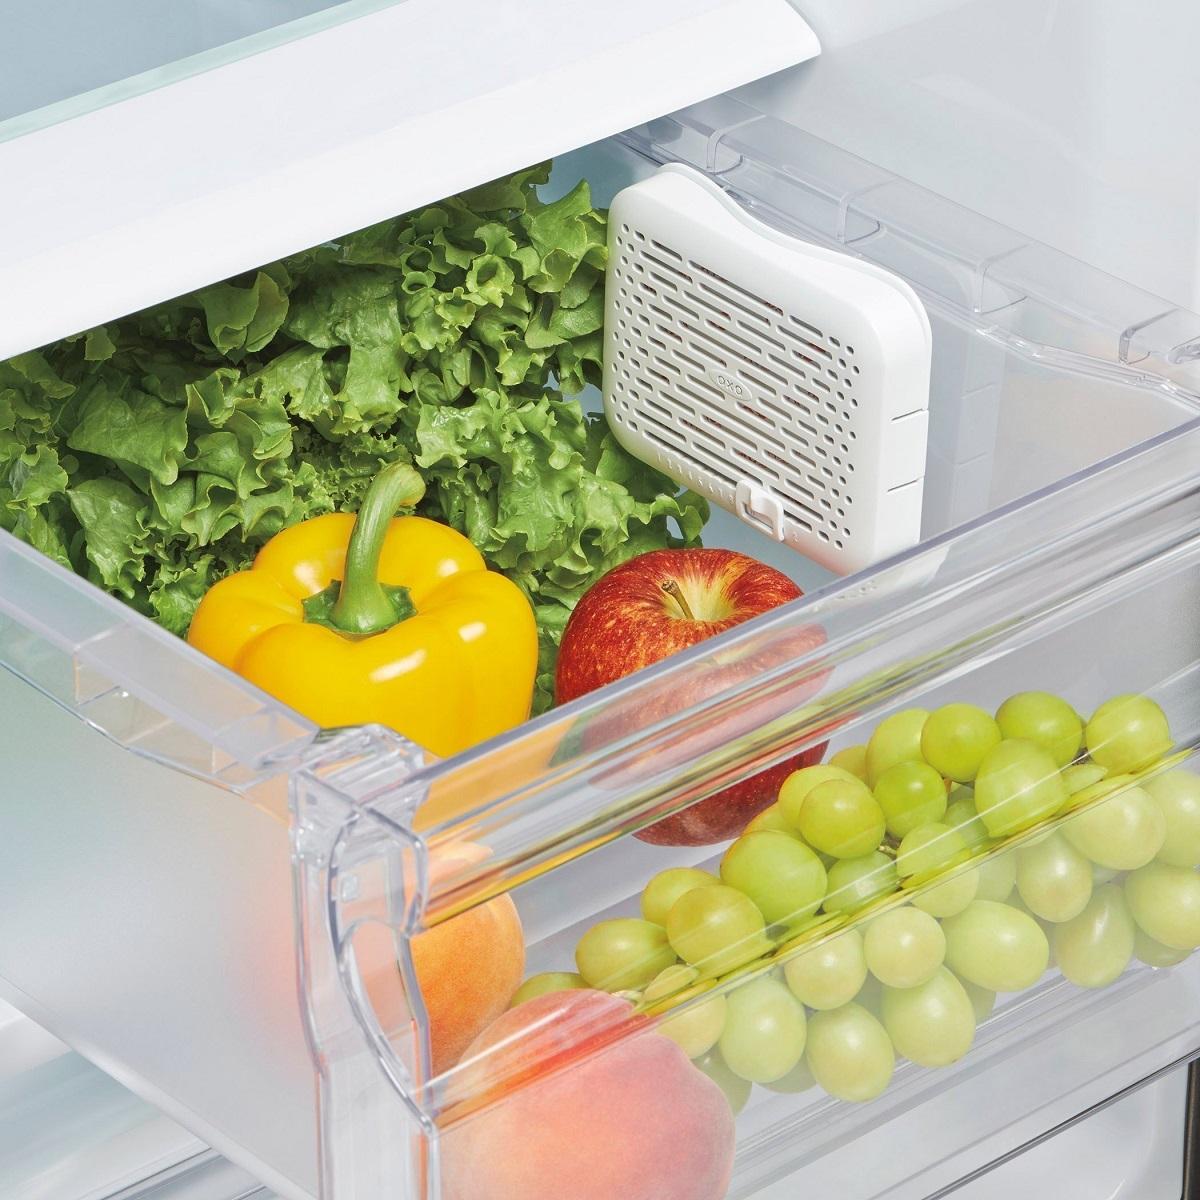 pojemniki na żywność do lodówki